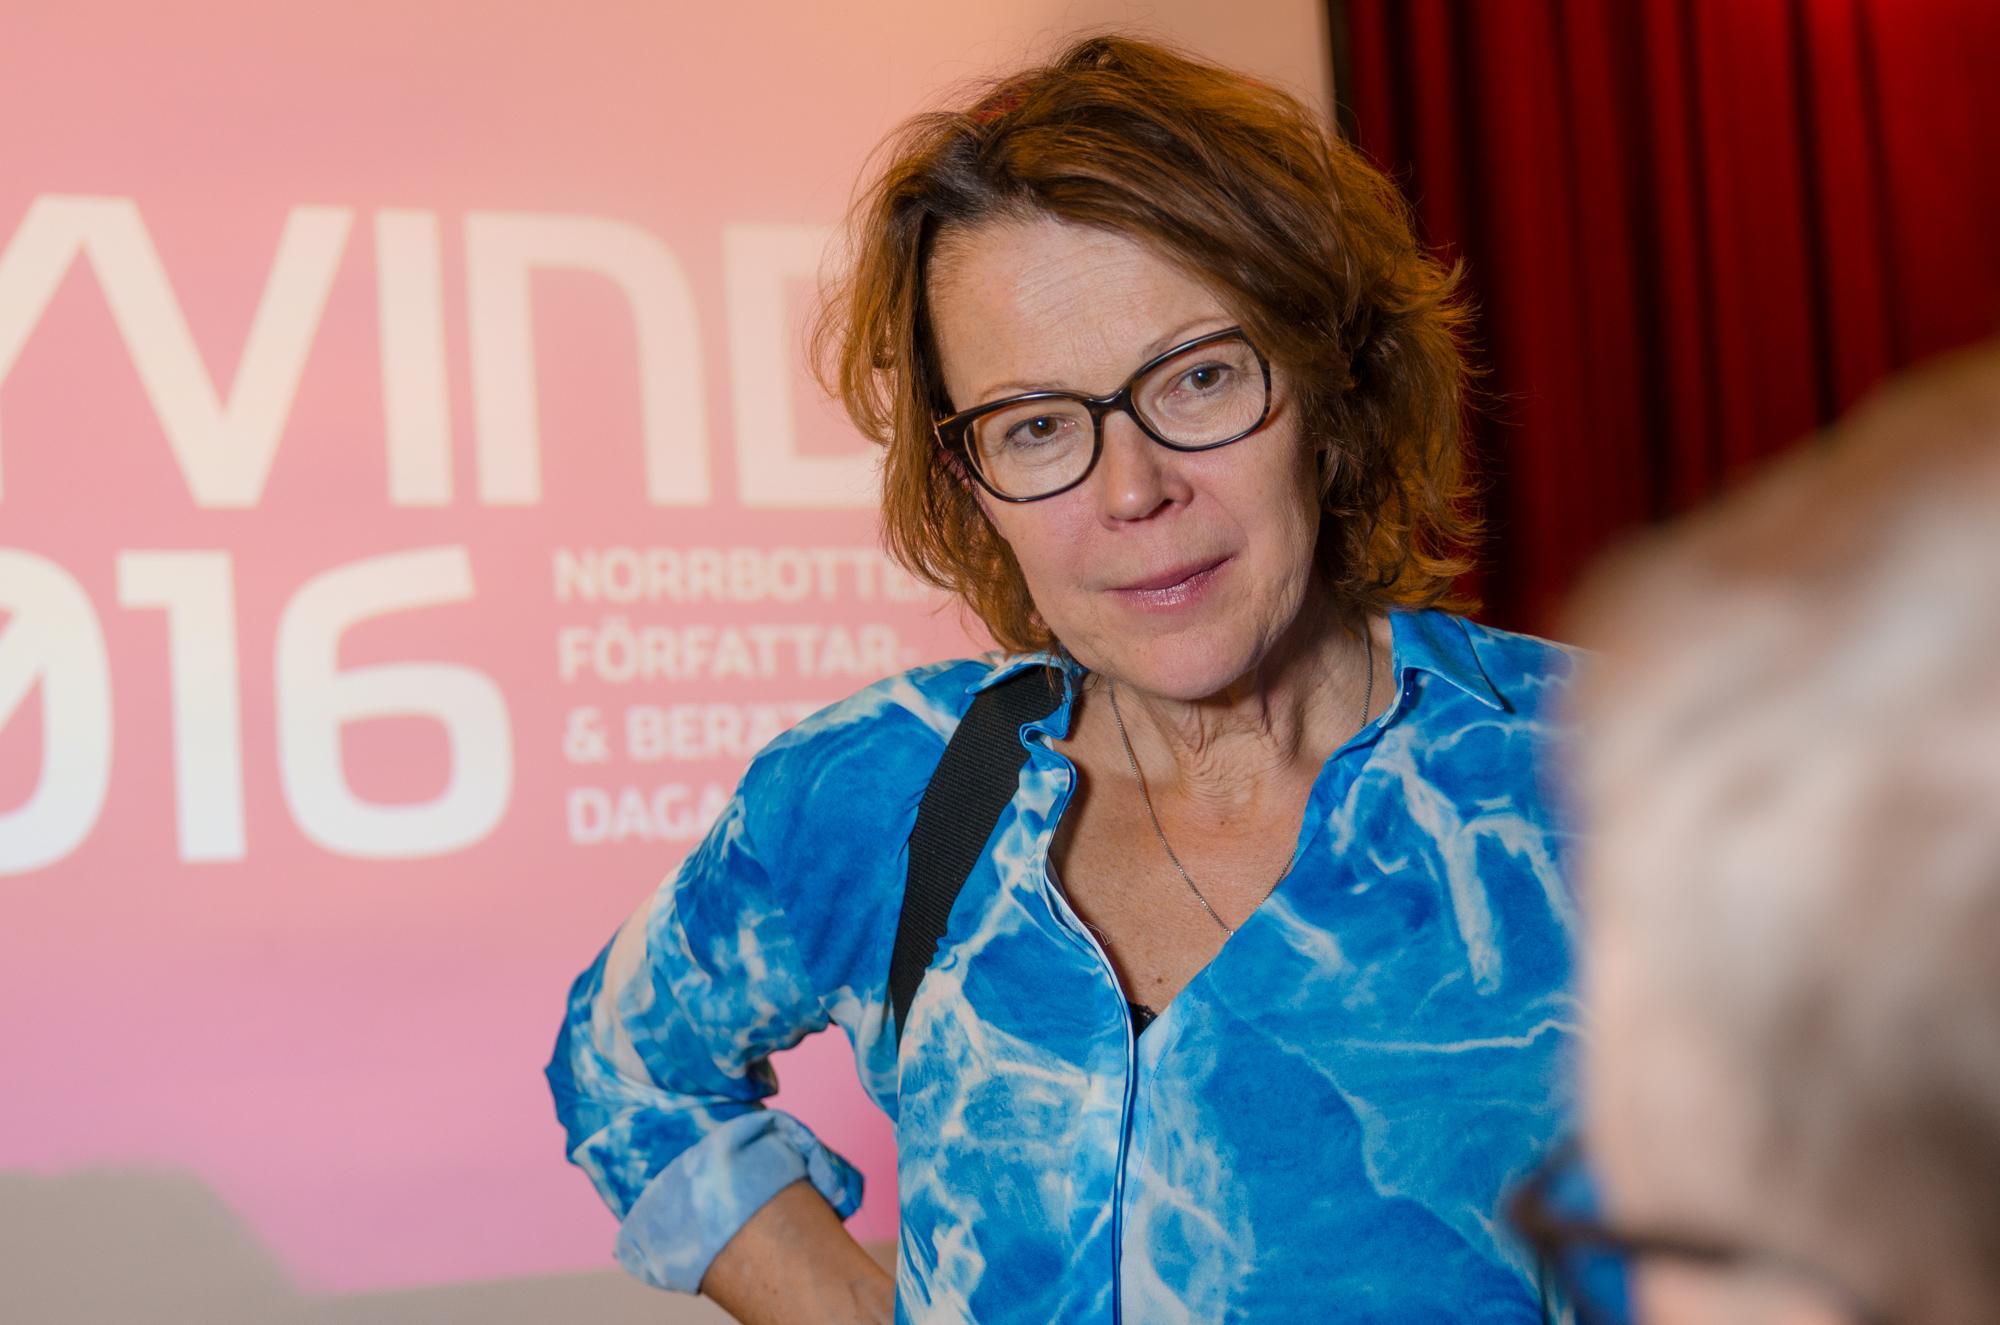 Eyvind2016 Norrbottens författar- och berättardagar